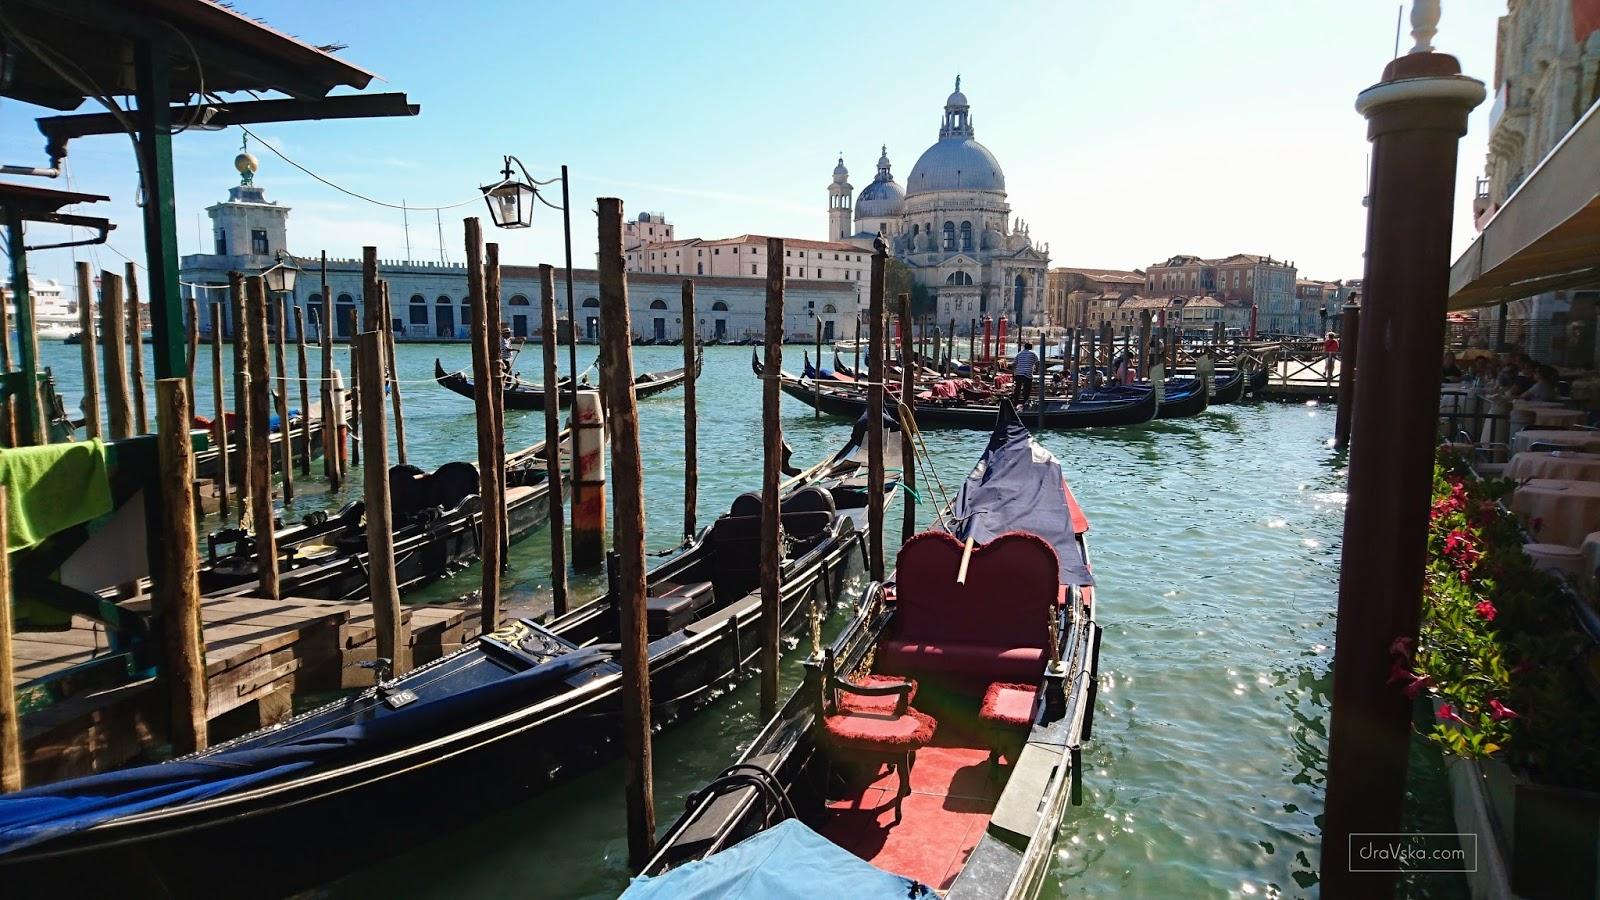 3 tygodnie w siodle: Nasz Eurotrip 2016. Dzień 17 - Wenecja, czyli jak to wygląda w realu ;)